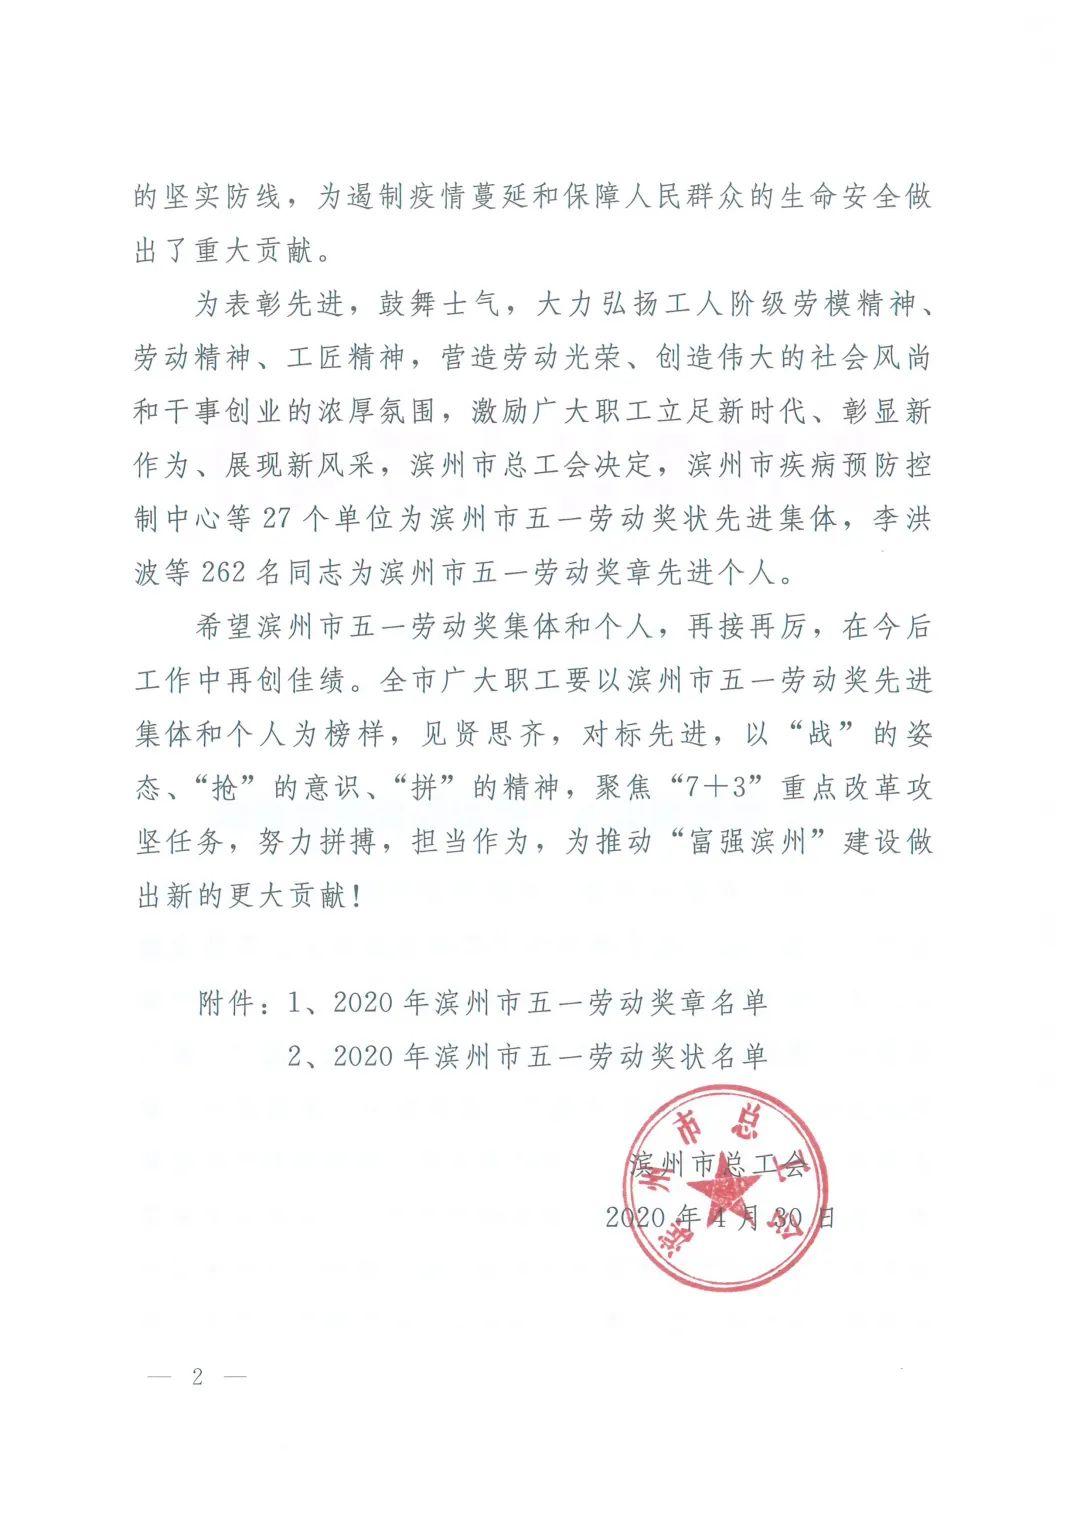 滨医附院荣获「滨州市五一劳动奖状」先进集体荣誉称号